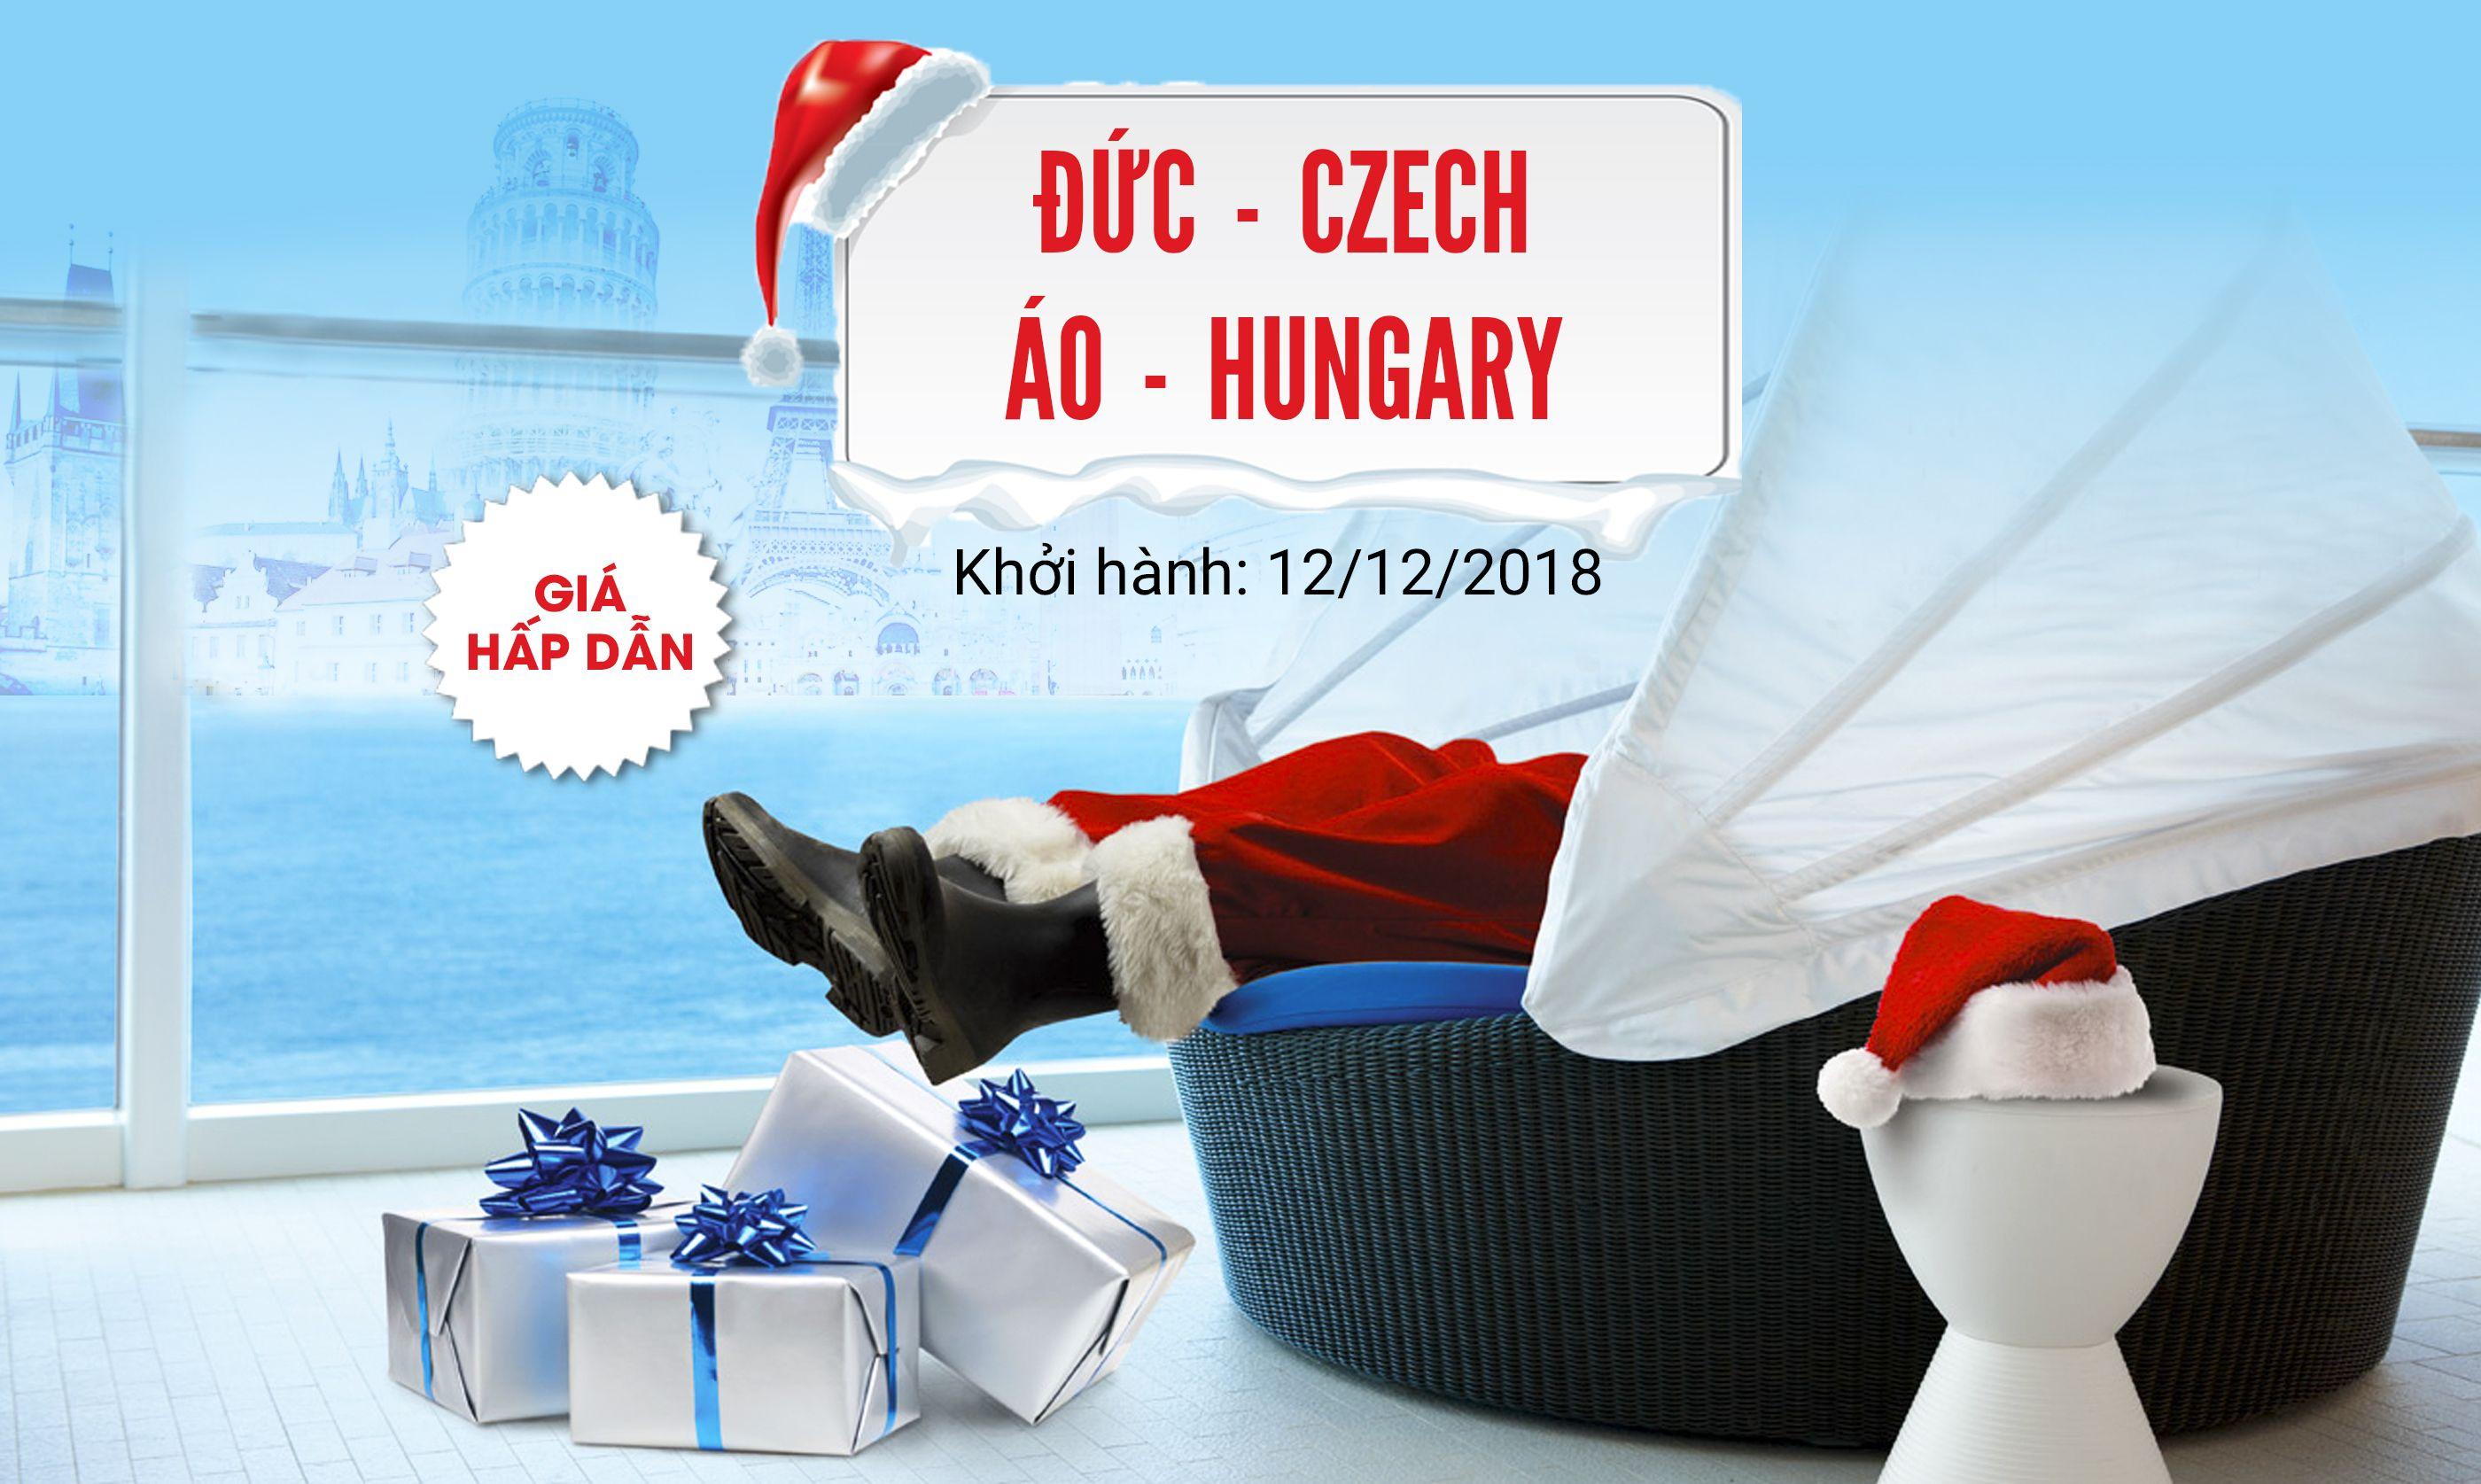 Du lịch châu Âu Đức - Czech - Áo - Hungary